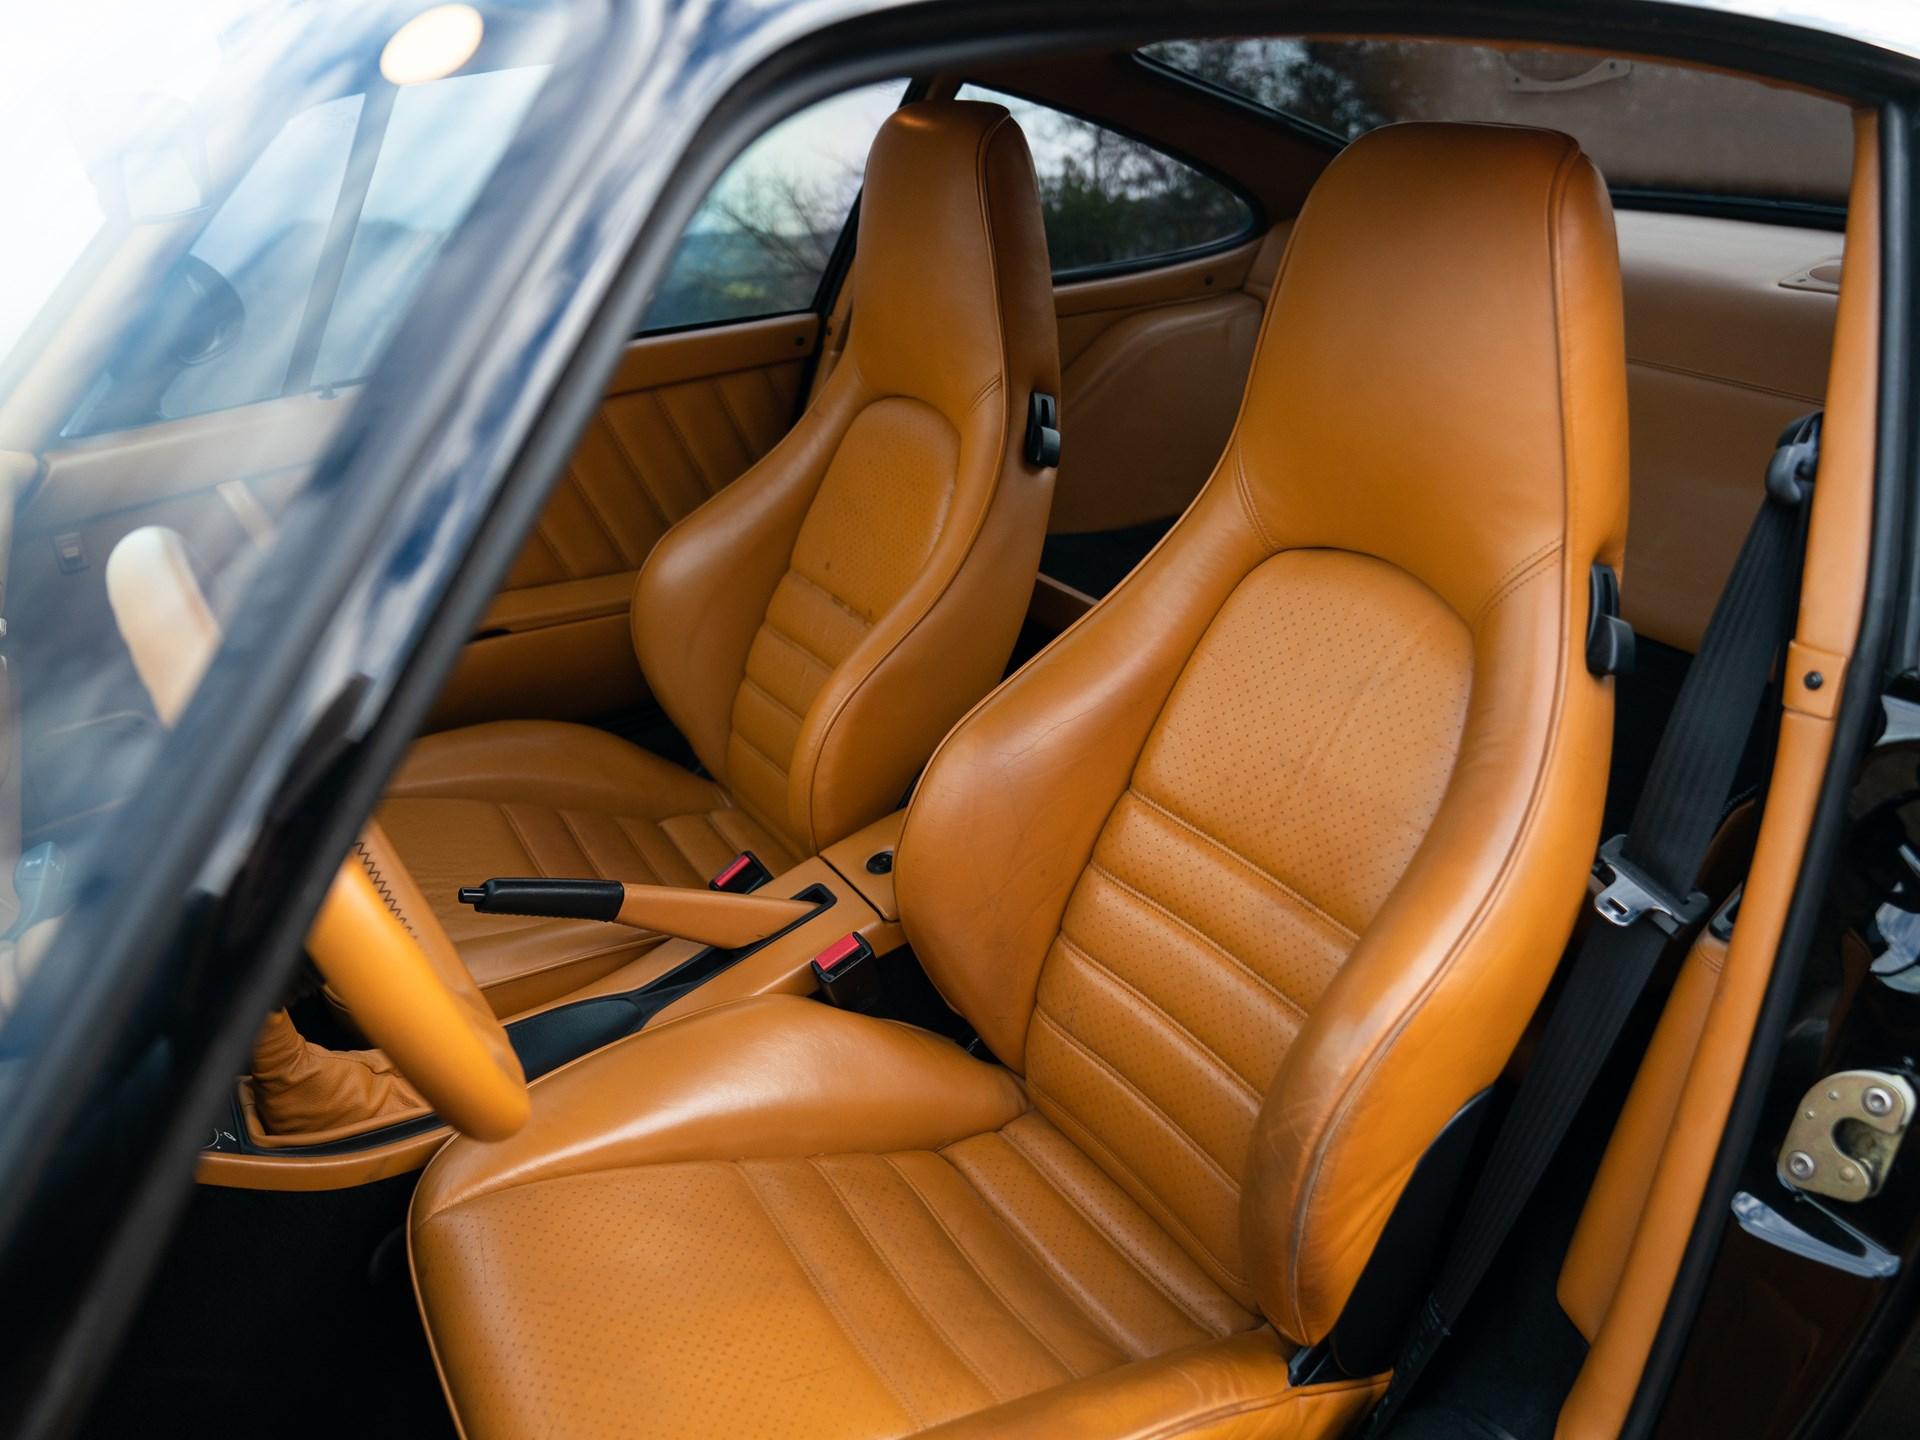 1988 Porsche 959 Komfort interior seats